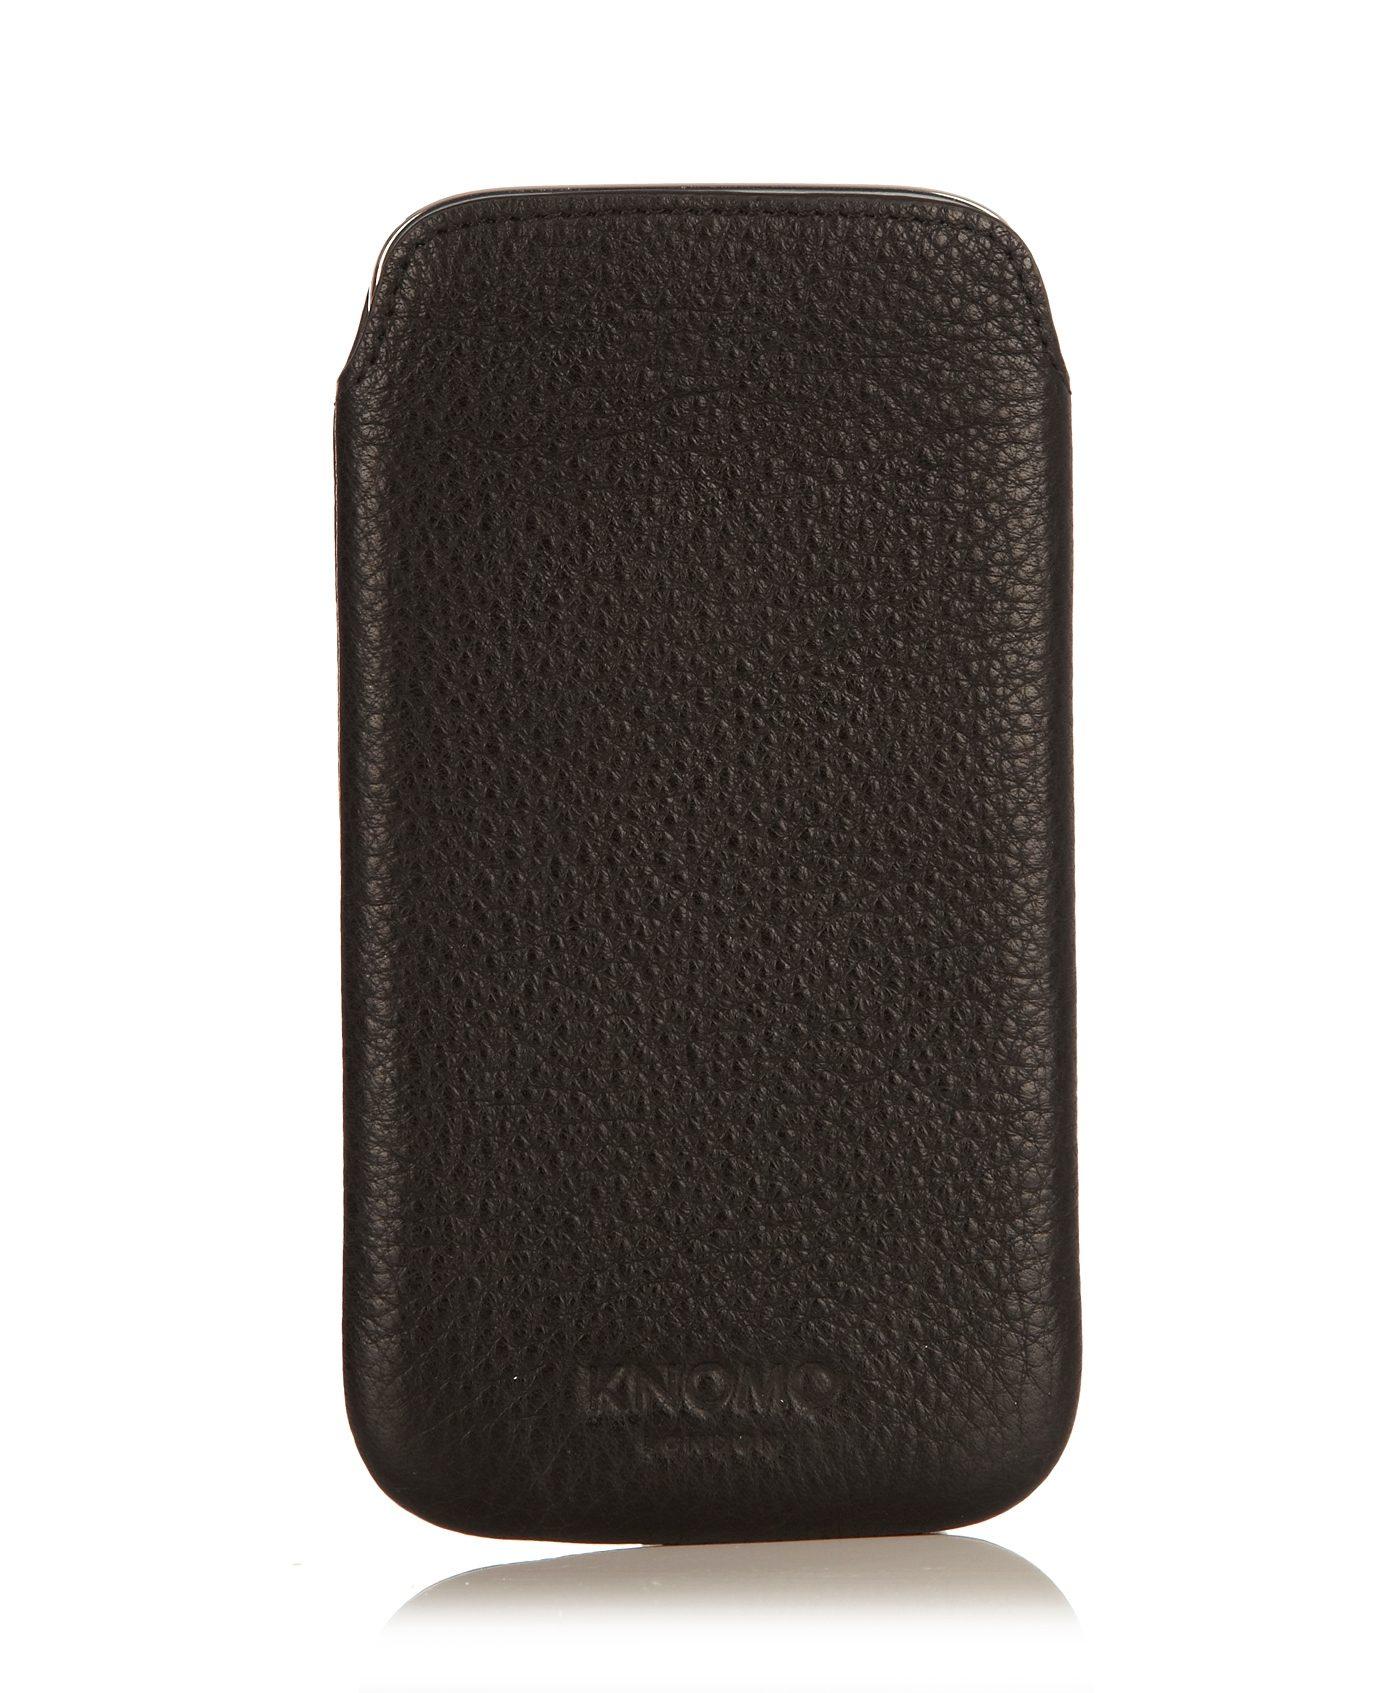 Knomo Smartphonehülle für das Samsung Galaxy S4 »Leather Slim«